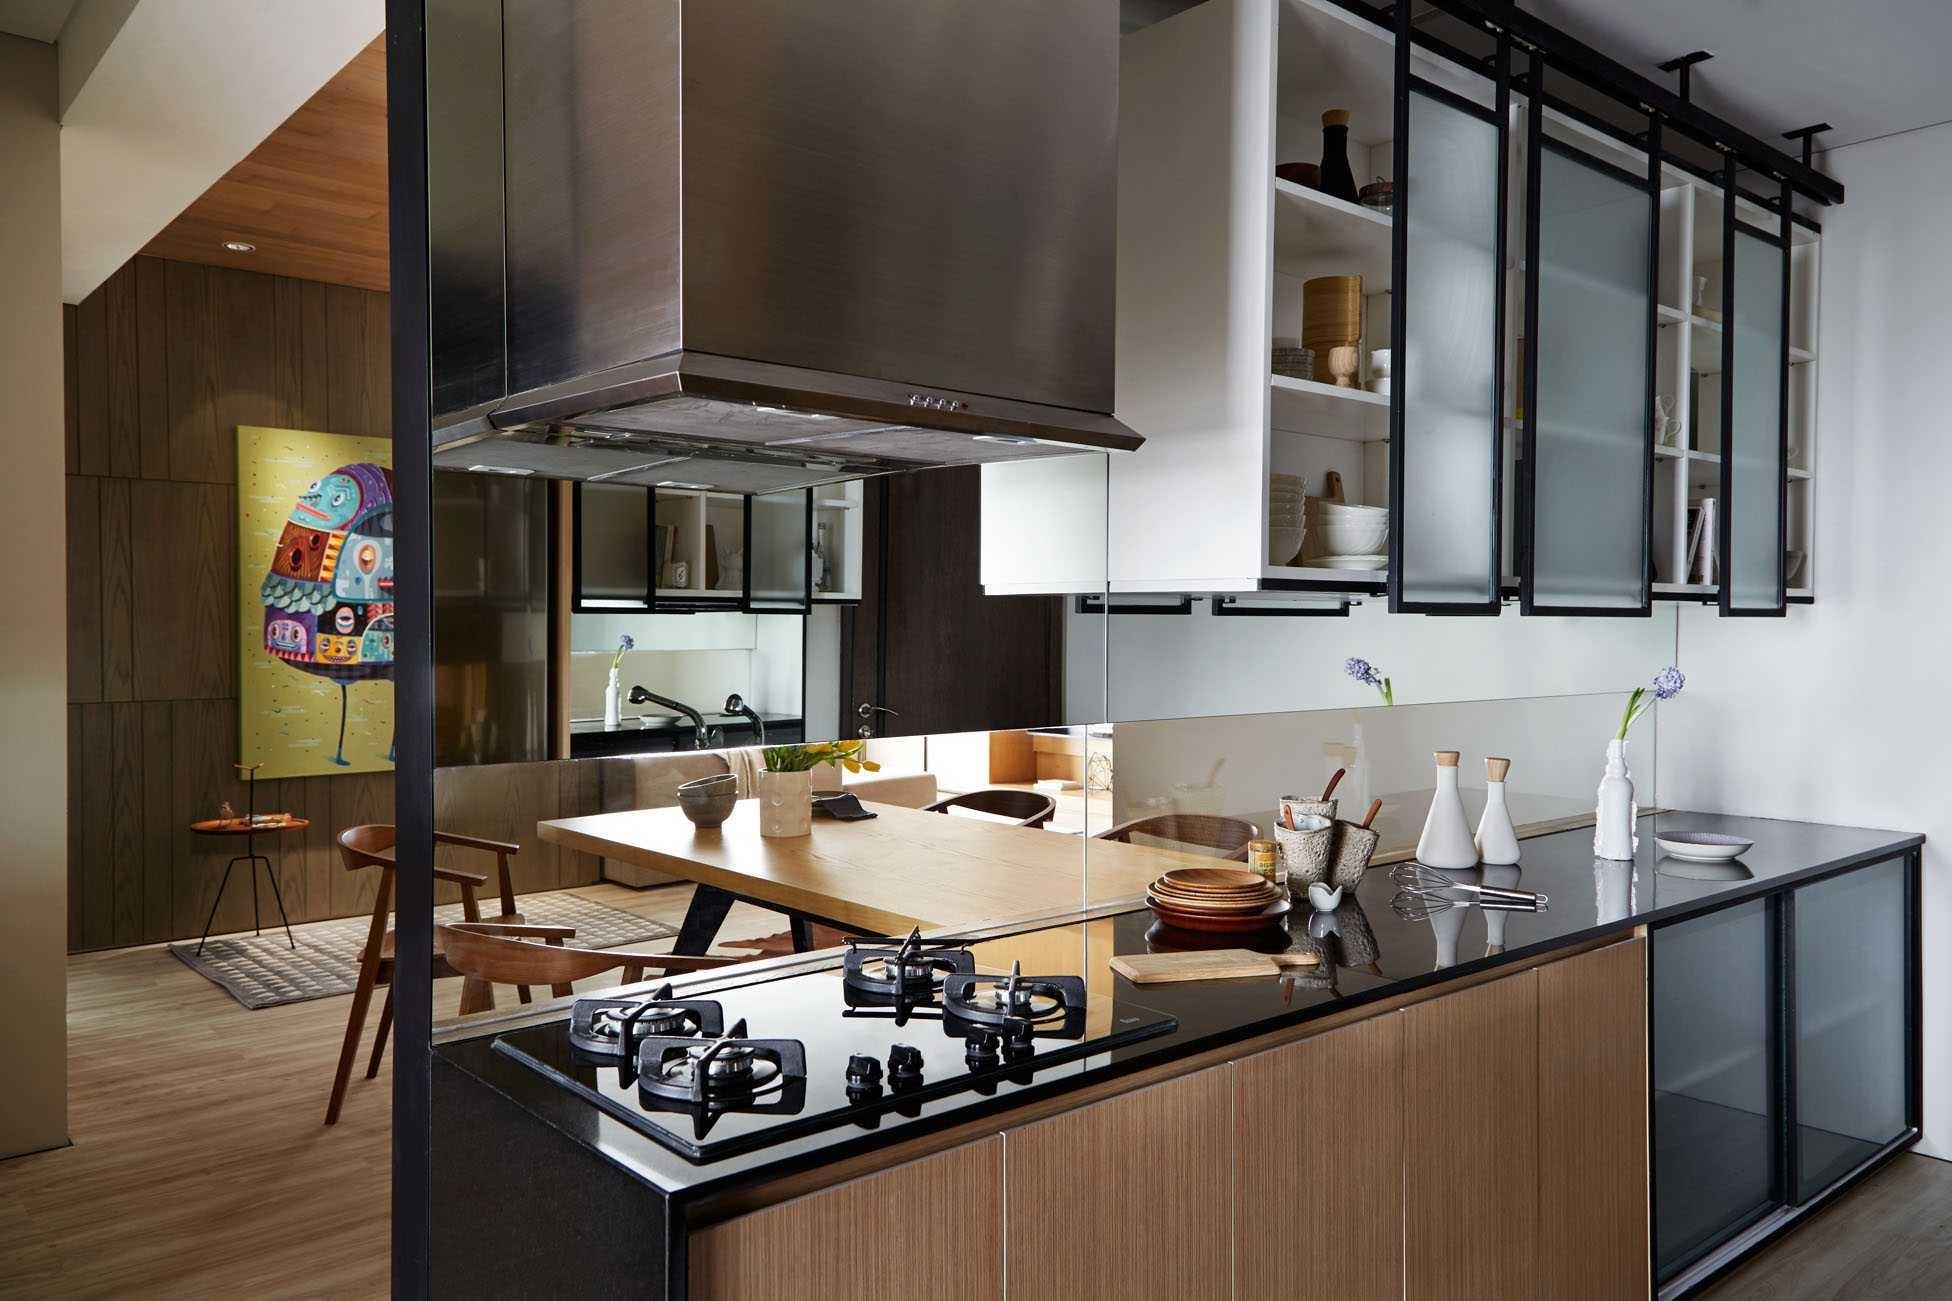 Inspirasi Desain Interior Dapur Kecil Untuk Apartemen Baru Anda | Foto artikel Arsitag